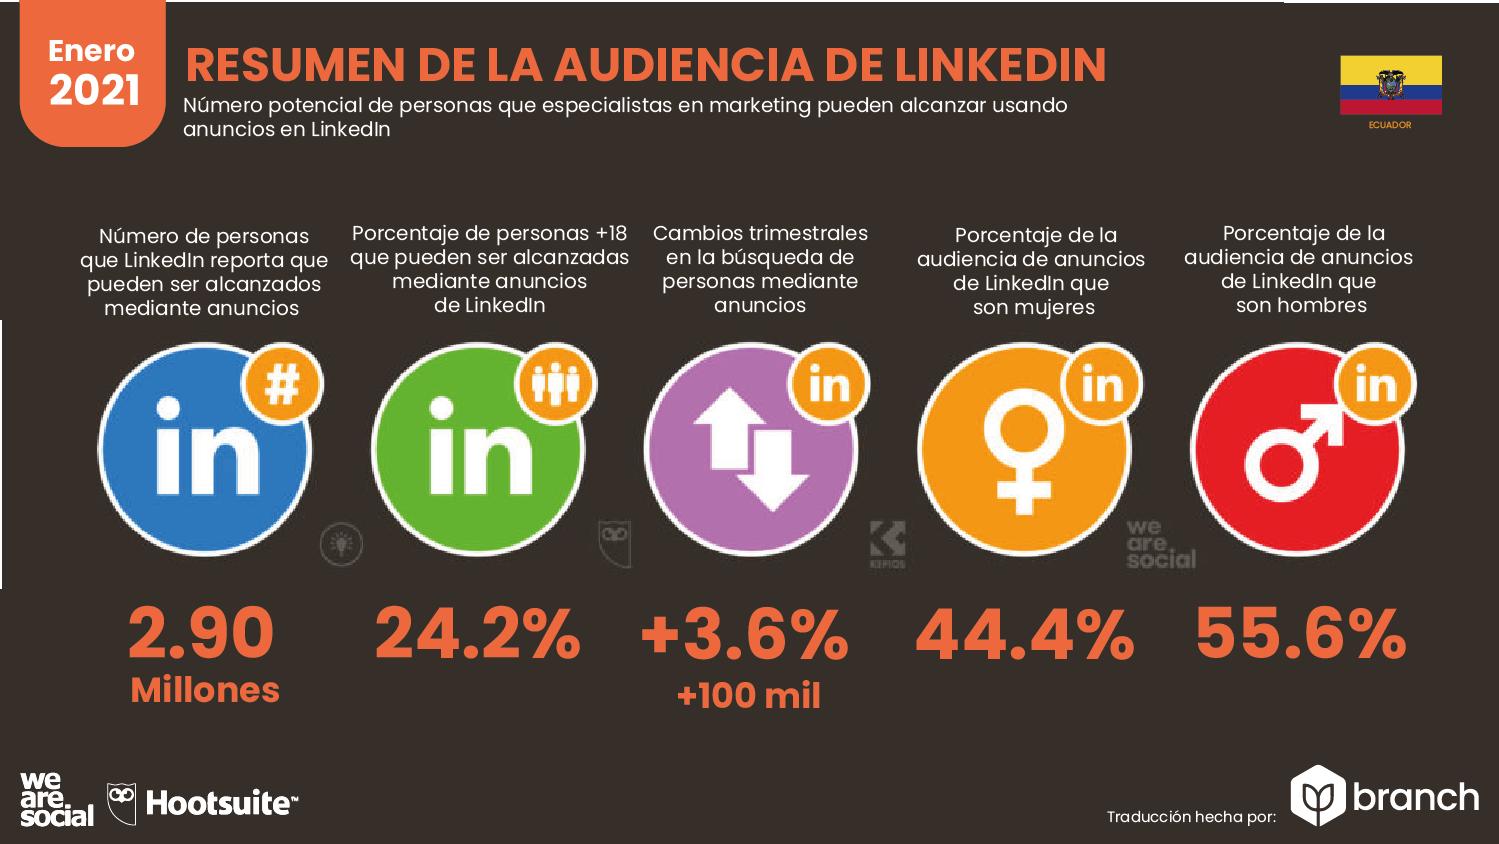 audiencia-de-LinkedIn-en-ecuador-2020-2021